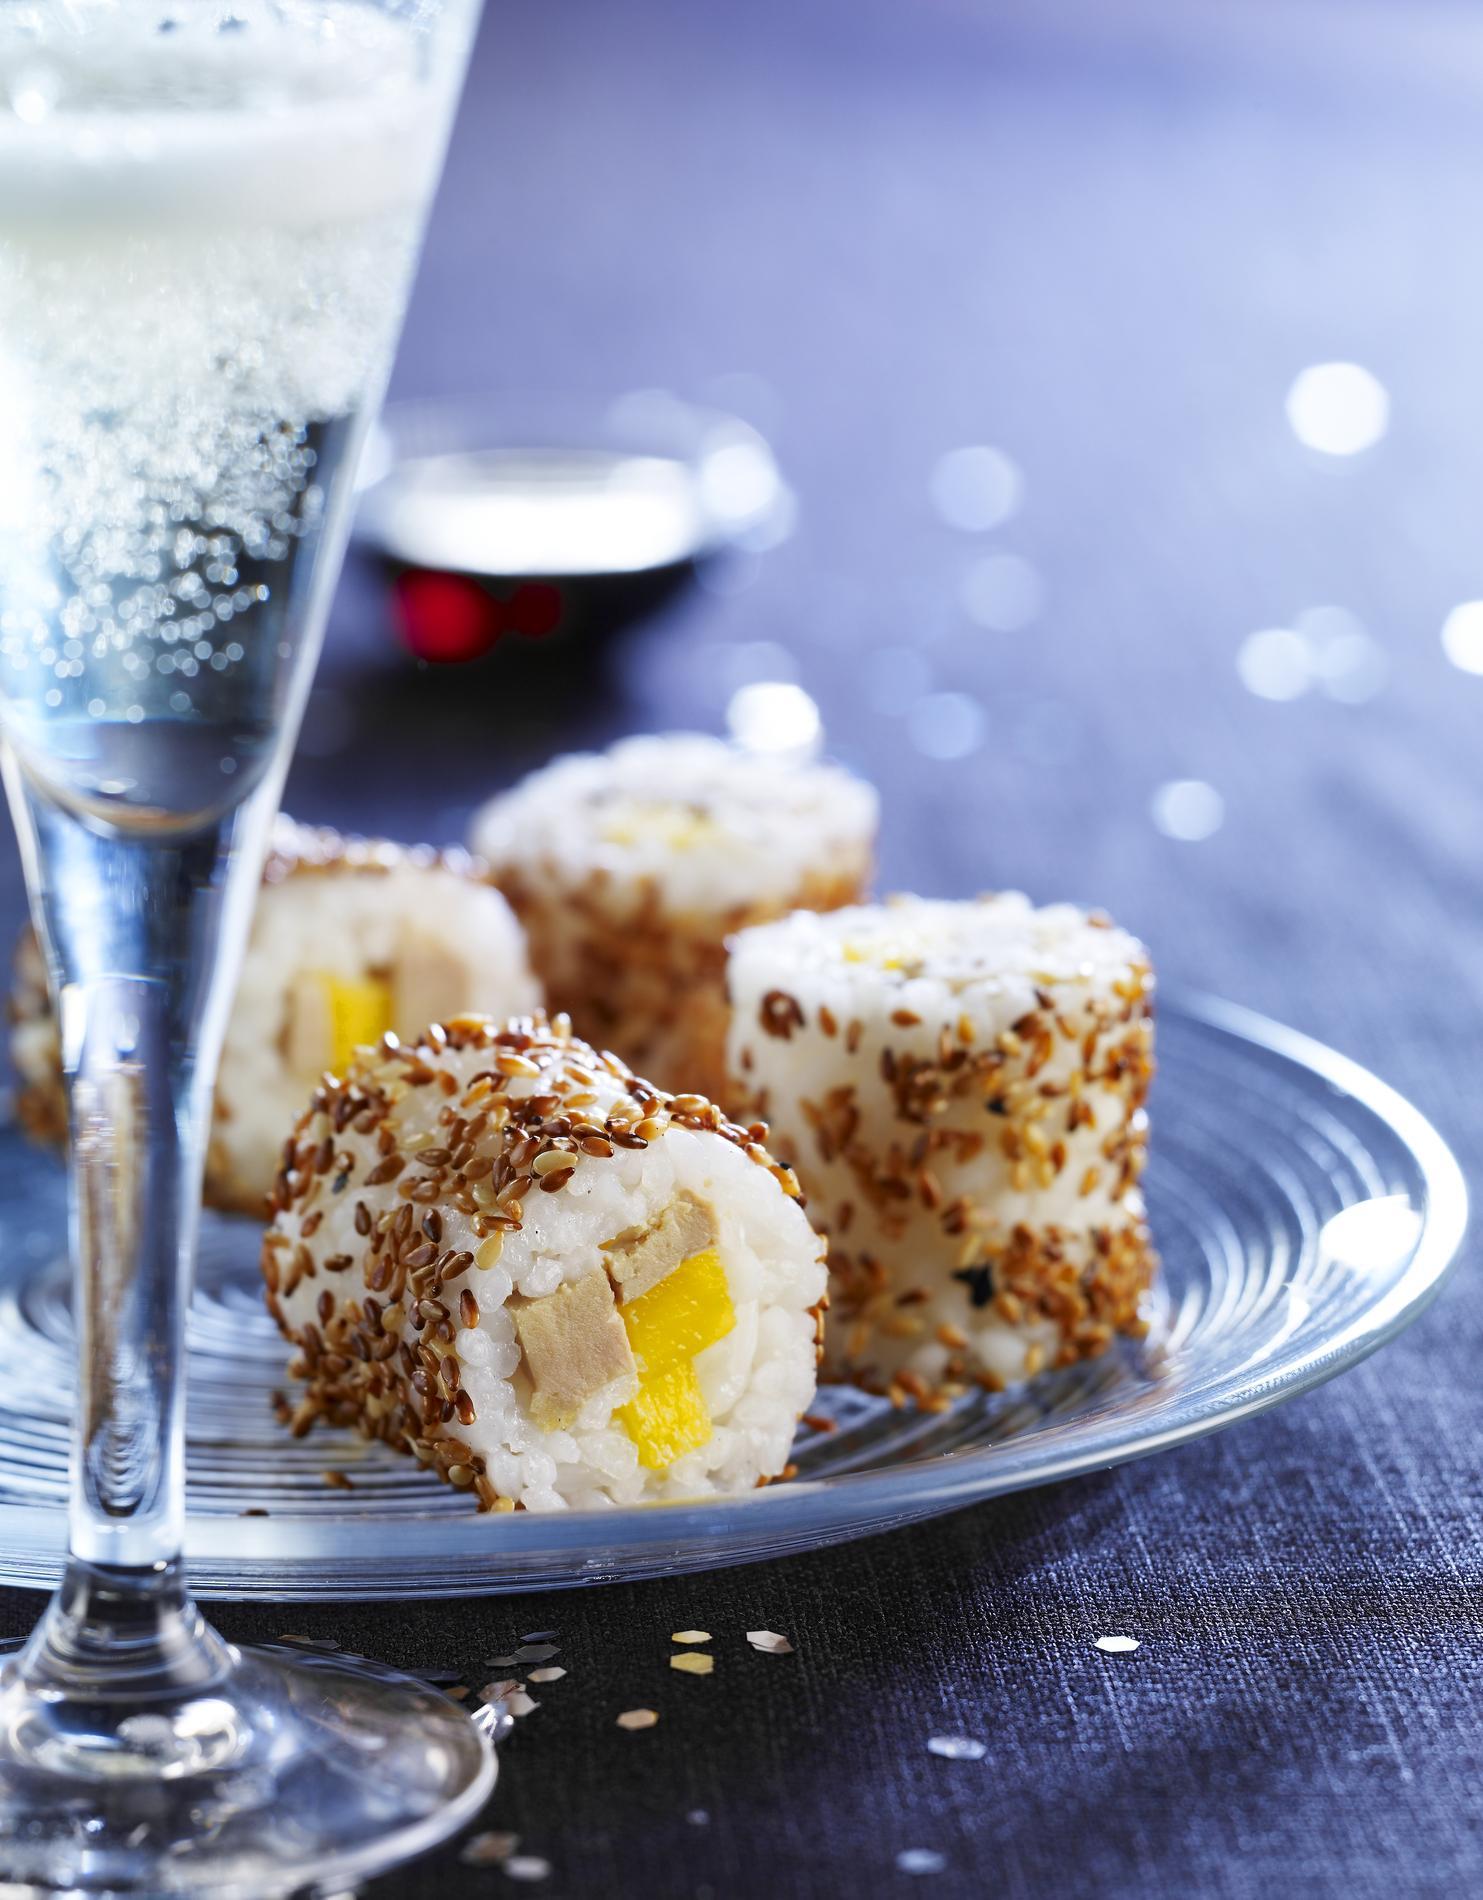 quinze recettes festives de verrines toasts ou cakes pour l 39 ap ritif de no l cuisine madame. Black Bedroom Furniture Sets. Home Design Ideas